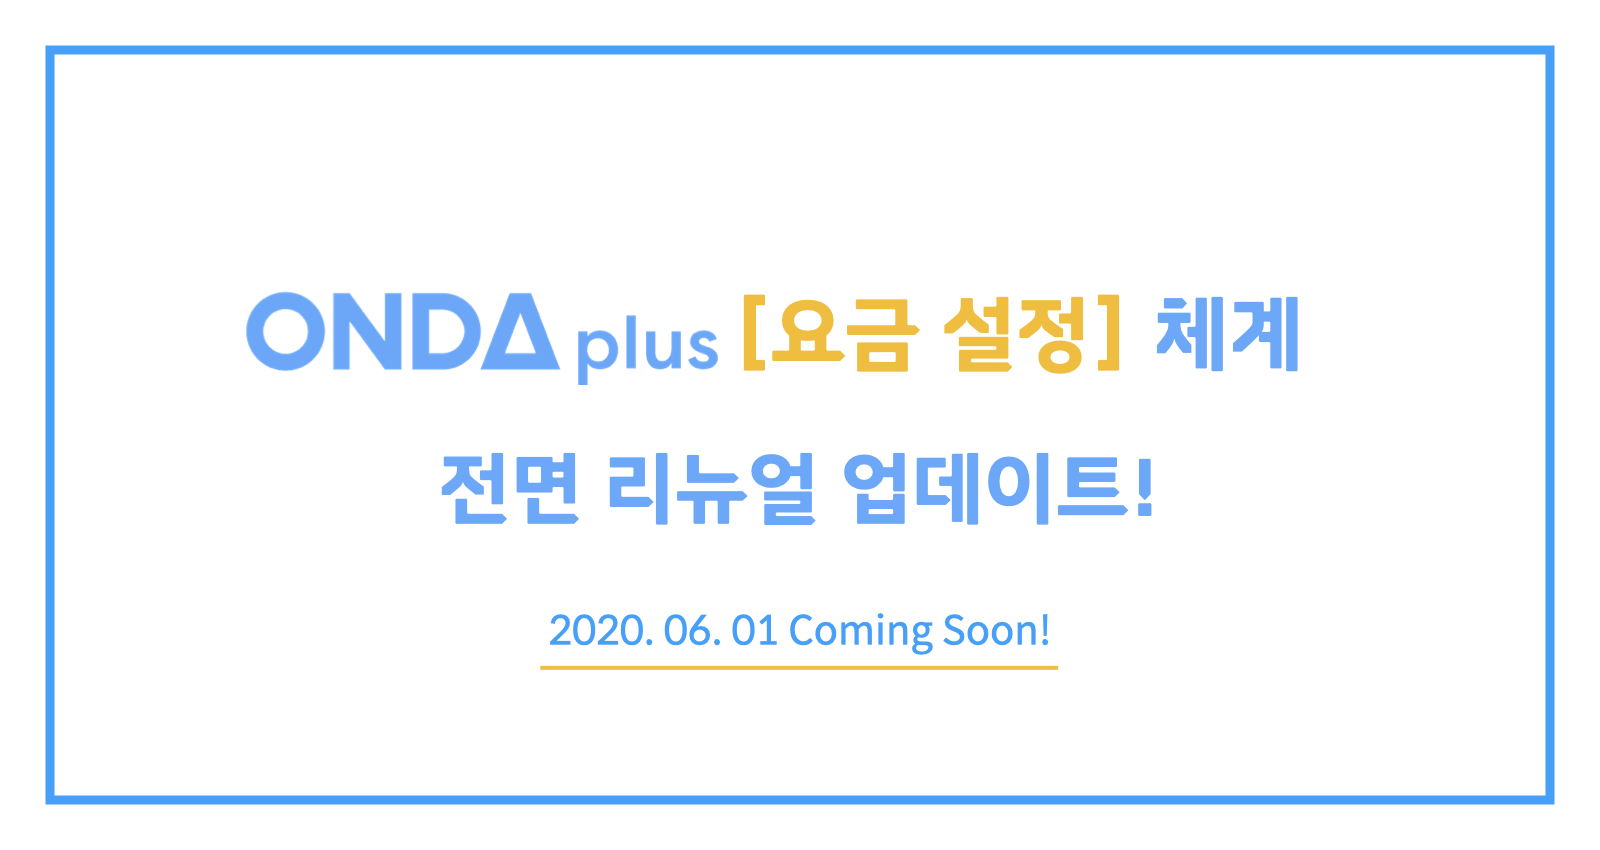 [업데이트 사전 공지] ONDA Plus <요금 설정>기능 체계 리뉴얼 안내